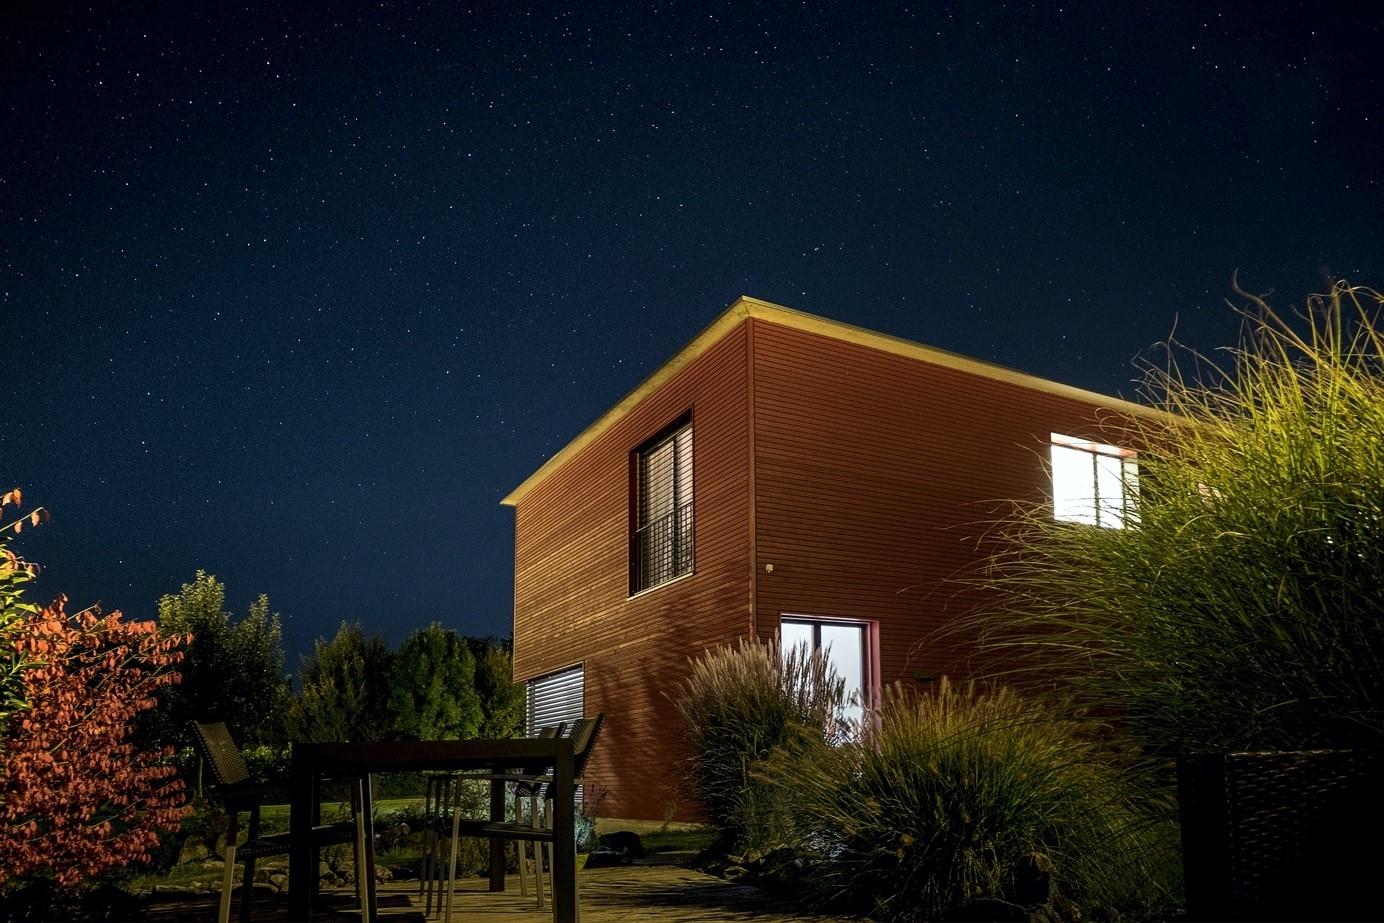 Chcete úsporný dům? 4 důvody, proč zvolit dřevostavbu